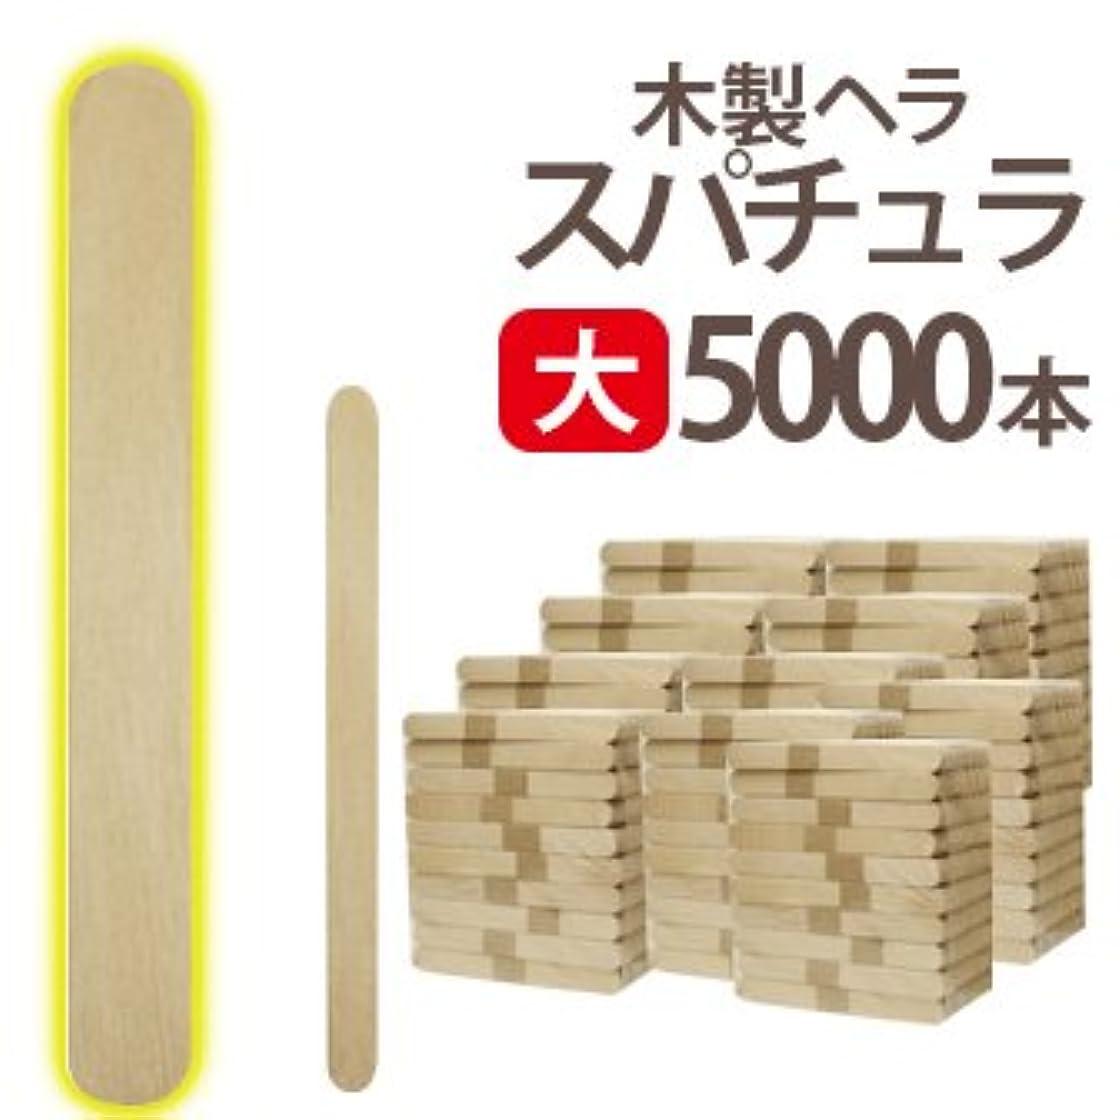 噴火船形斧大 ブラジリアンワックス 業務用5000本 スパチュラ Aタイプ(個別梱包なし 150×16)